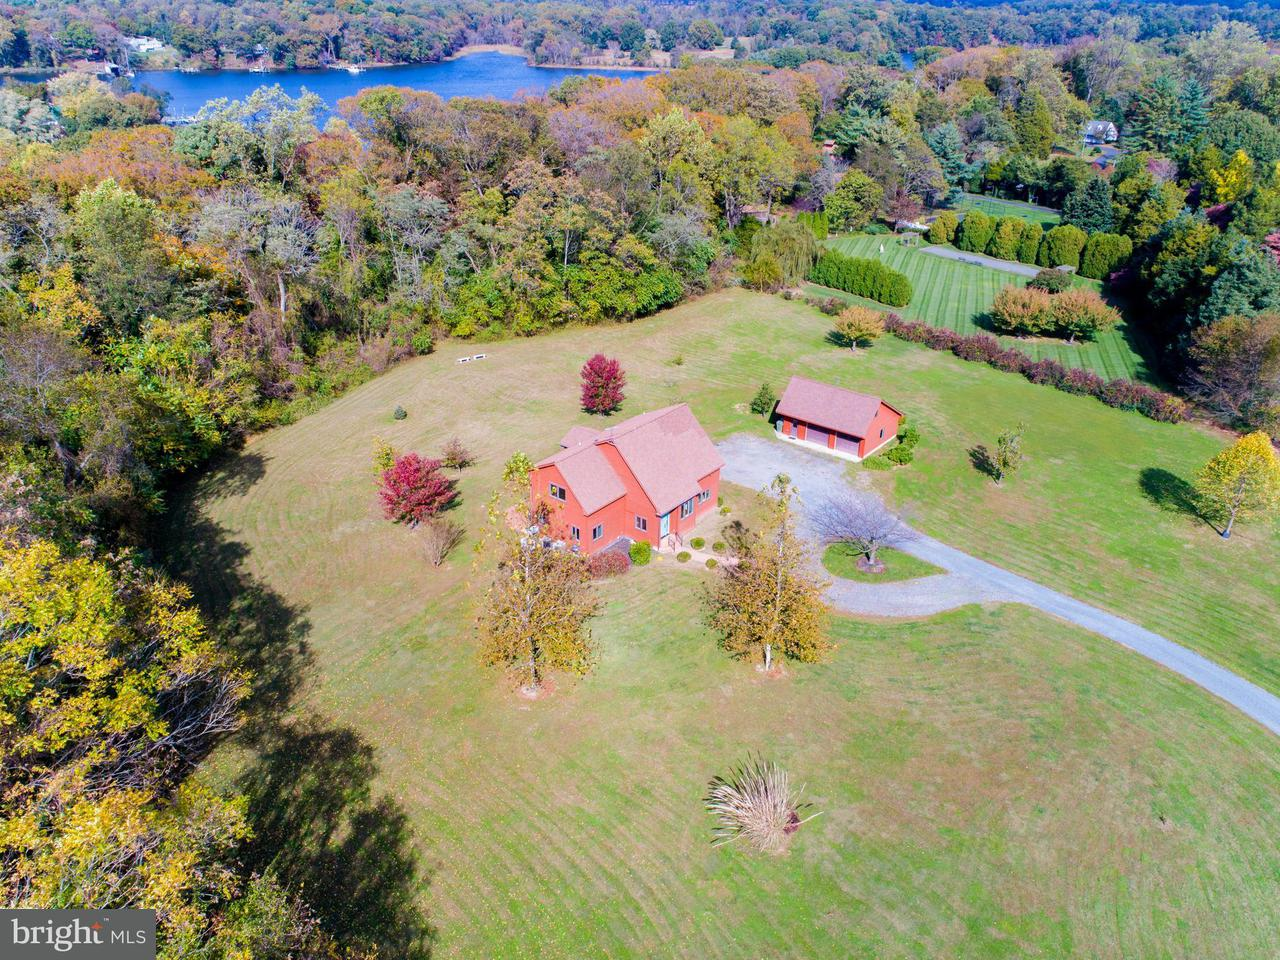 Частный односемейный дом для того Продажа на 13950 Huyett Lane 13950 Huyett Lane Galena, Мэриленд 21635 Соединенные Штаты